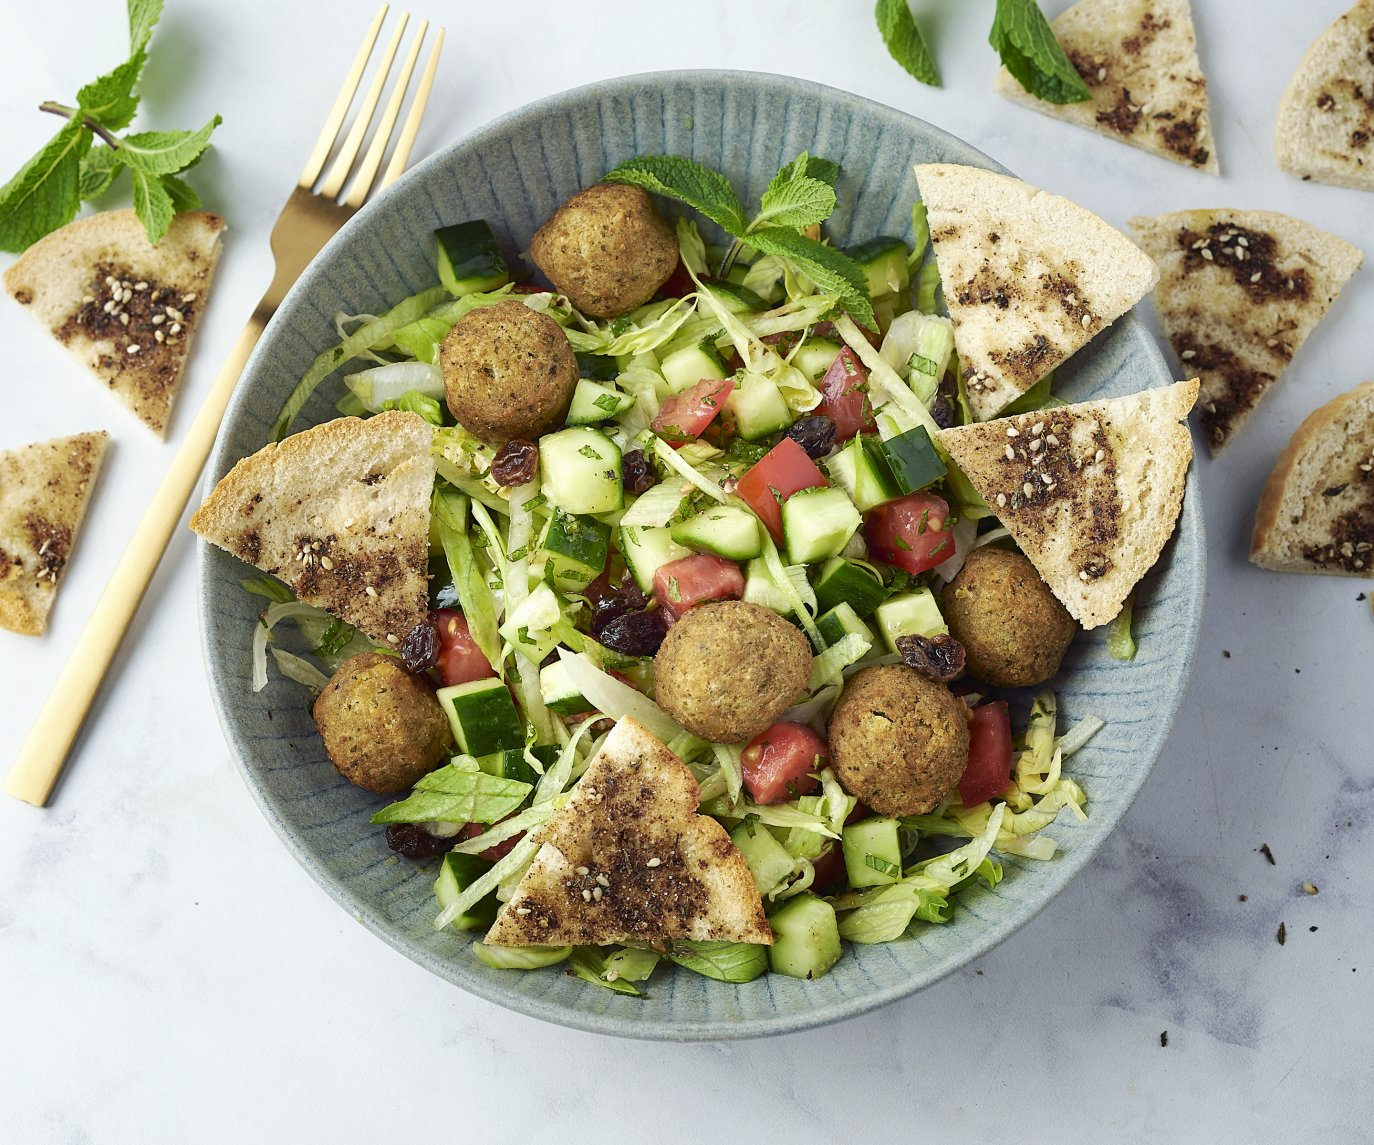 Salade fattoush met falafel